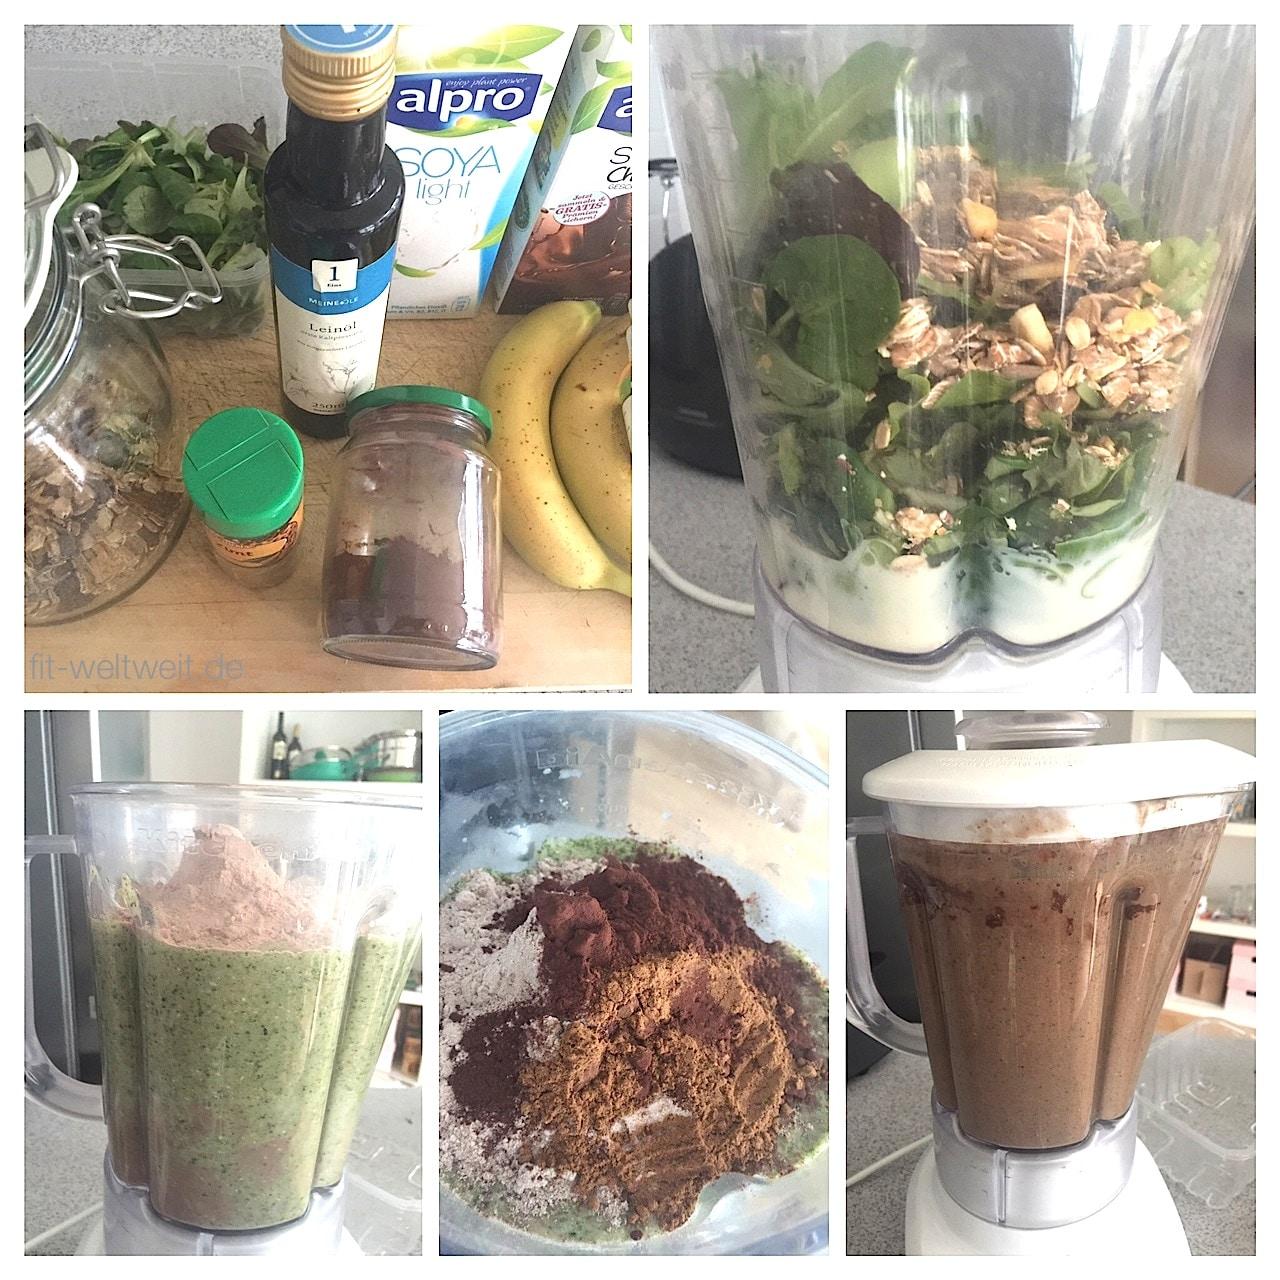 Alle Schritte von den Zutaten zum leckeren detox Protein Smoothie.